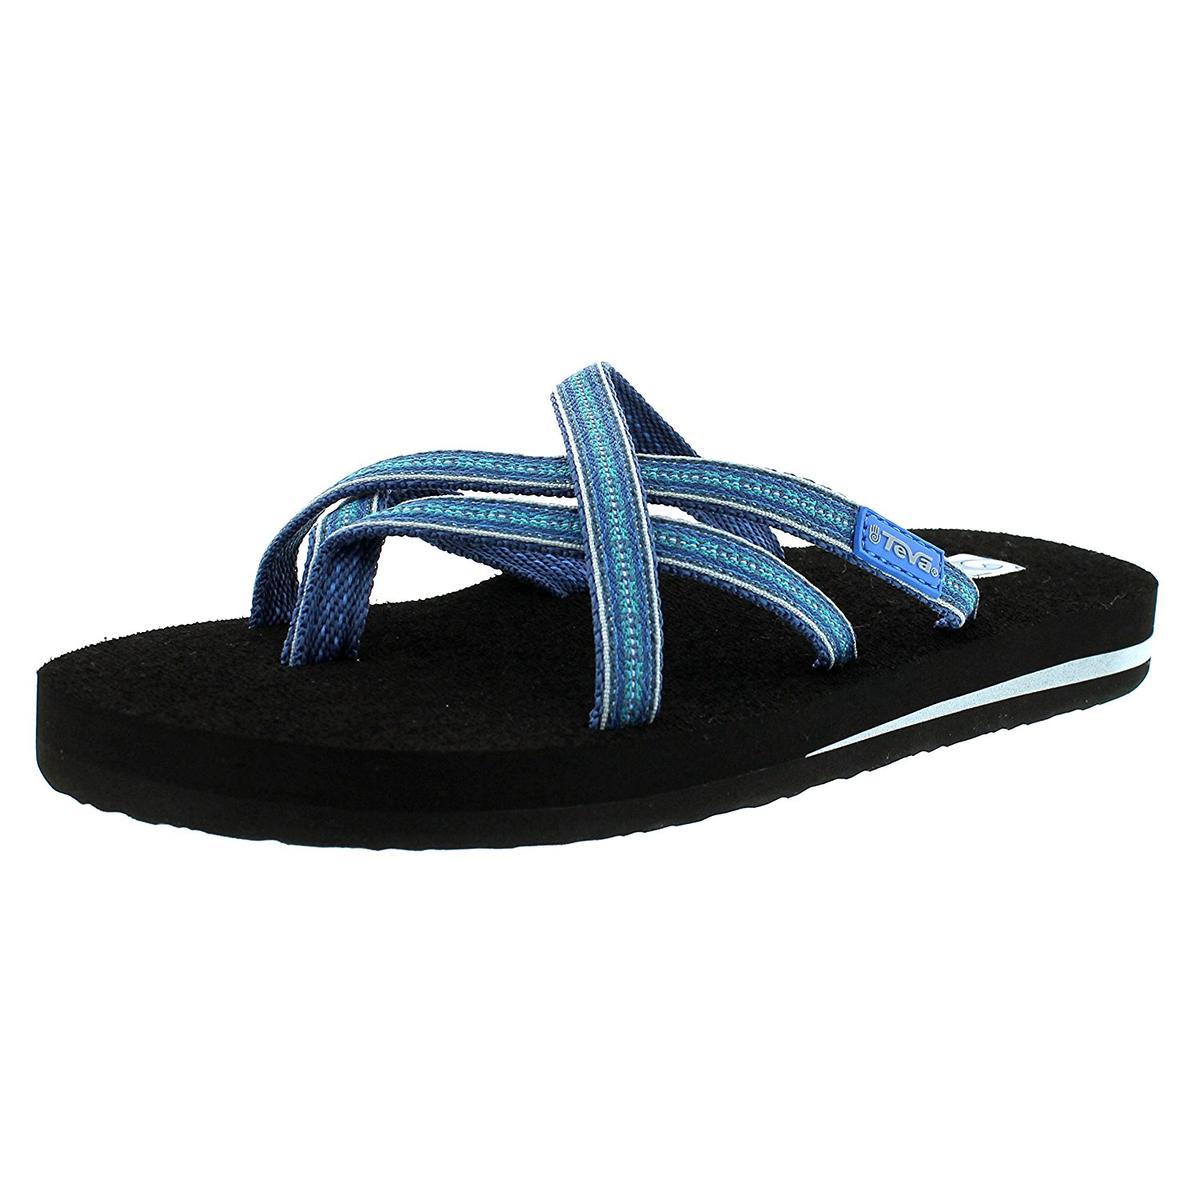 3c4f3b59a Teva Women s Olowahu Pintado Blue Sandal 9M